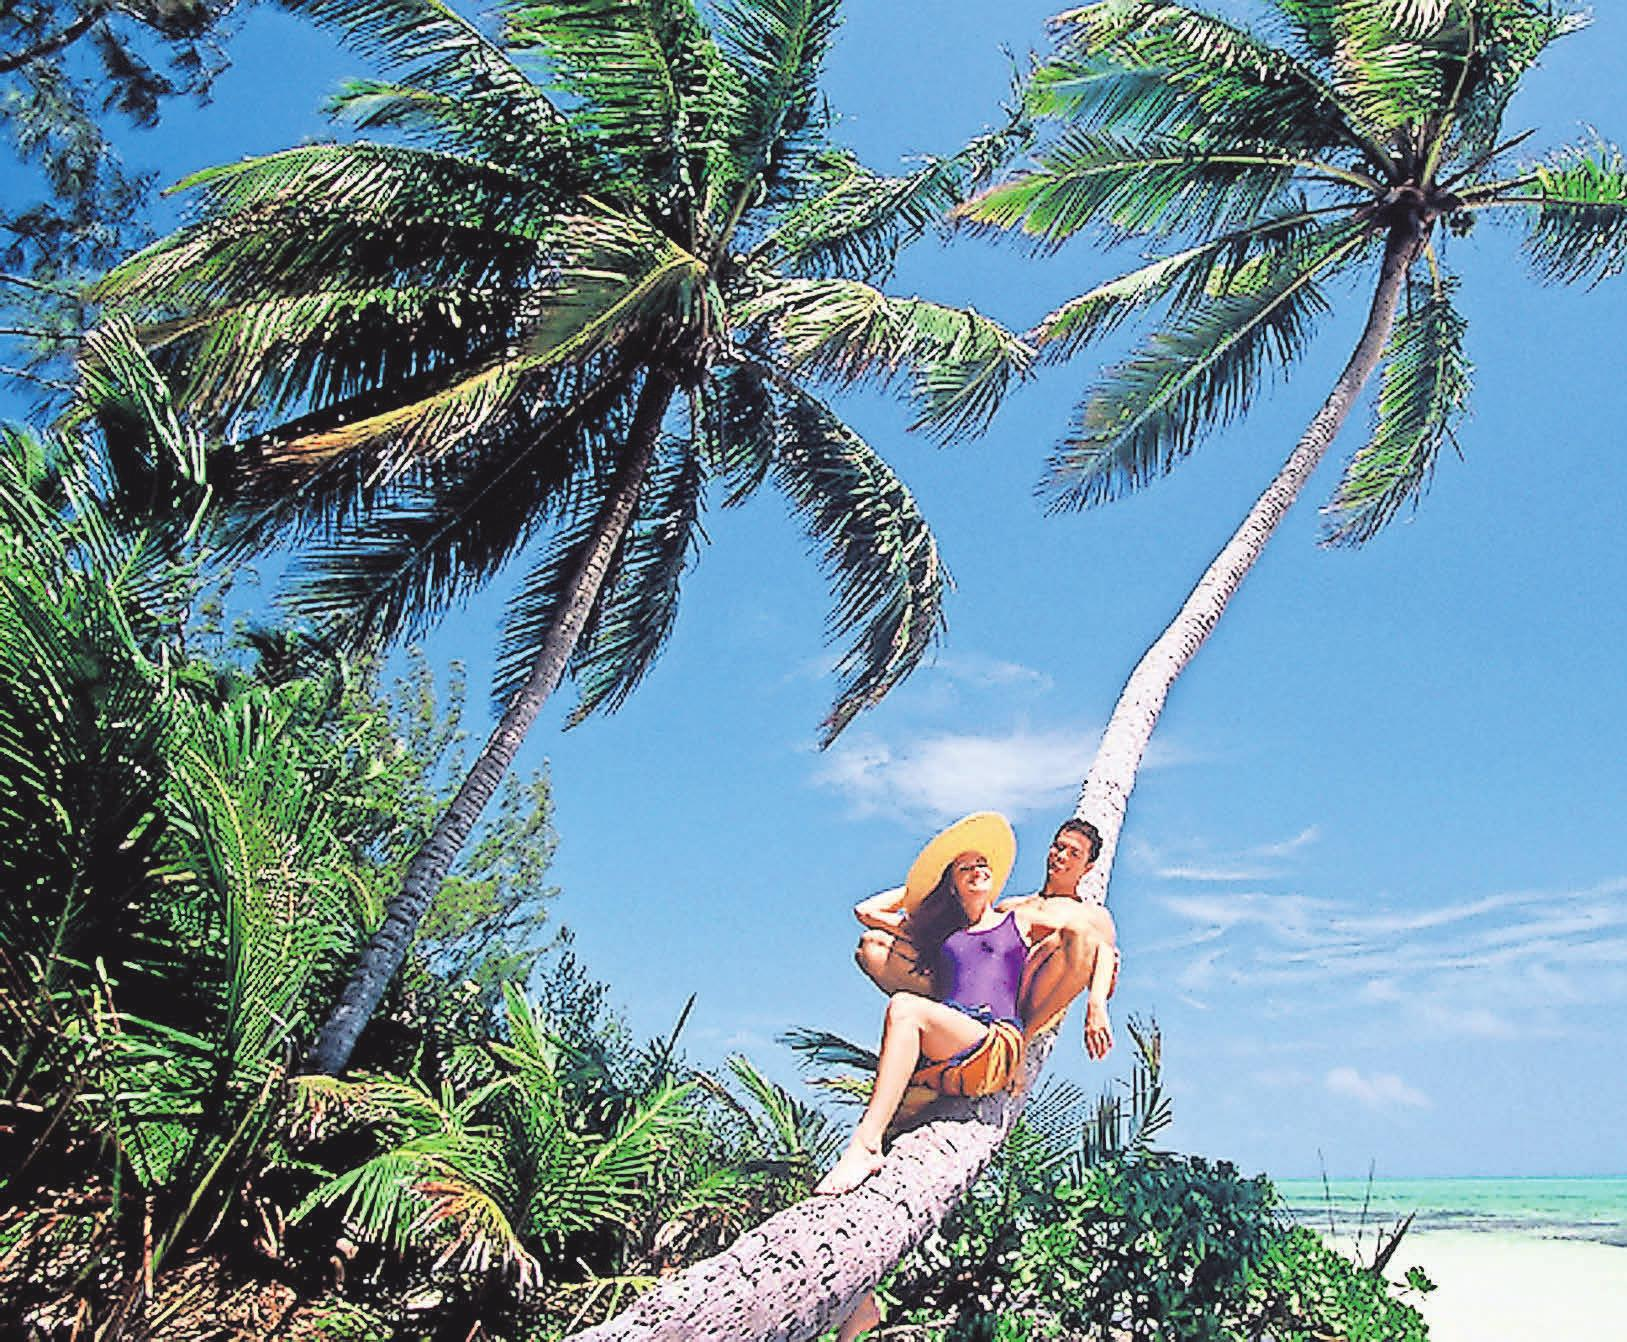 Unter Palmen investieren? Ein Steuerberater kann prüfen, ob diese Option sinnvoll ist.    Foto: Bahamas Tourist Office